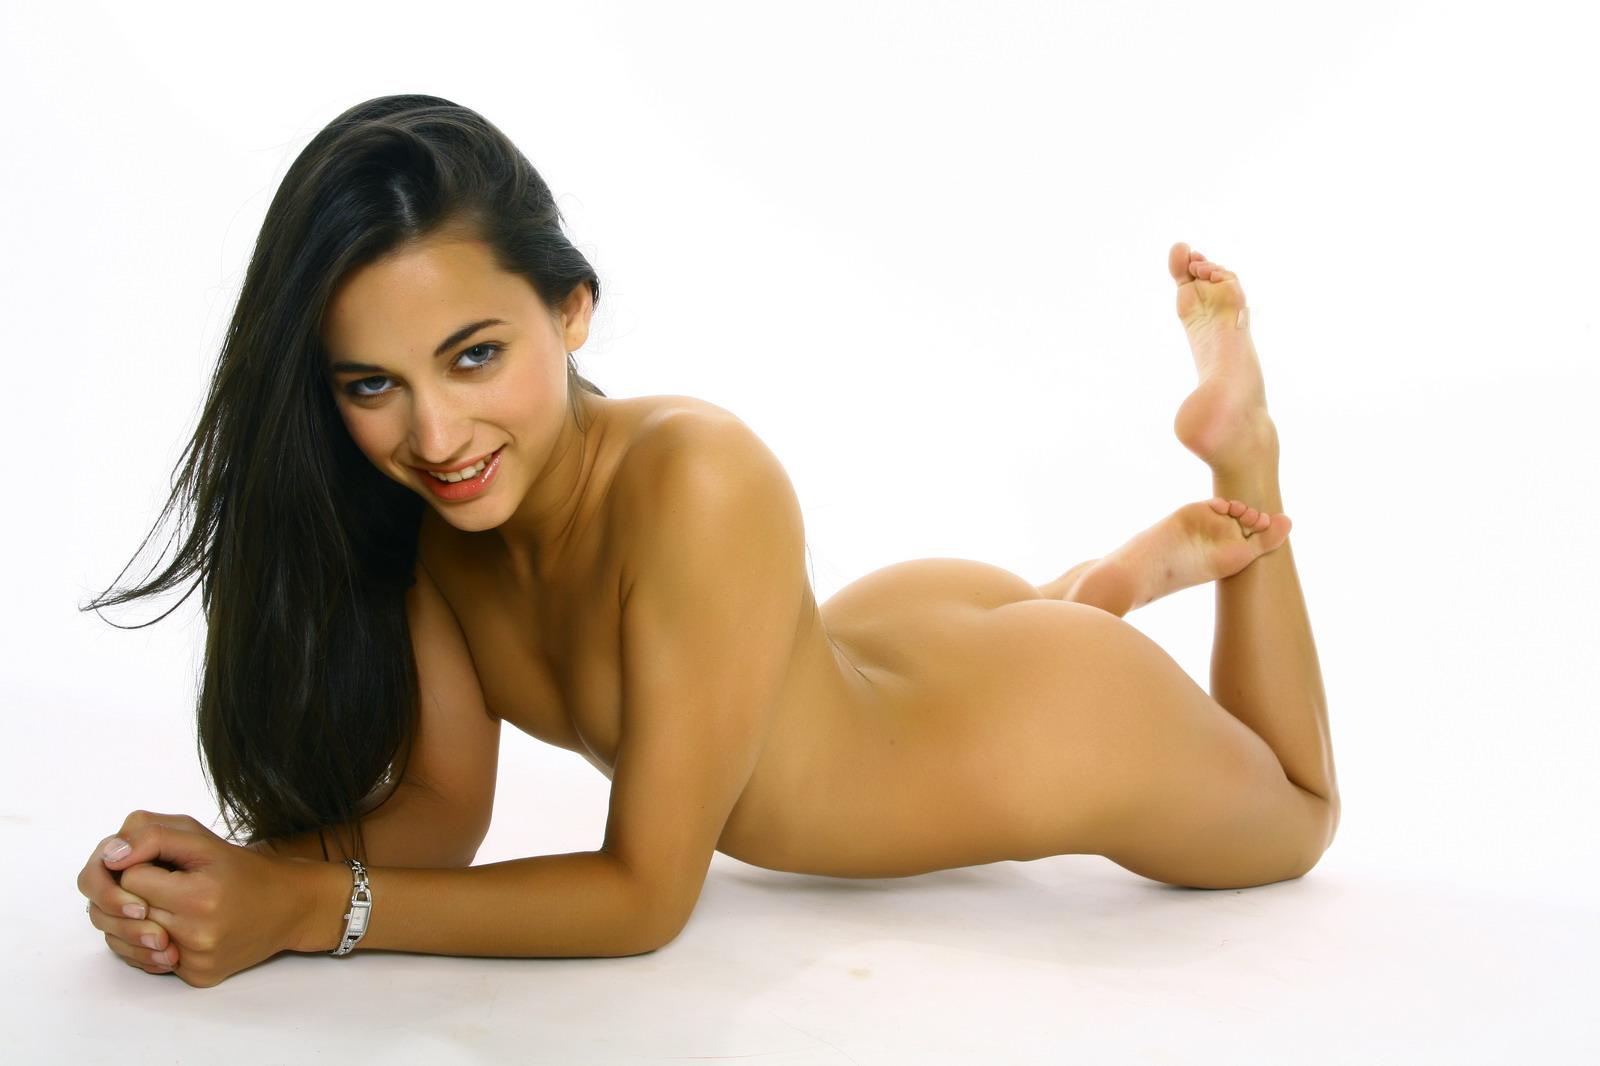 Великолепная брюнетка-подросток Georgia Jones возбуждающе двигается в этой эротической фотосессии